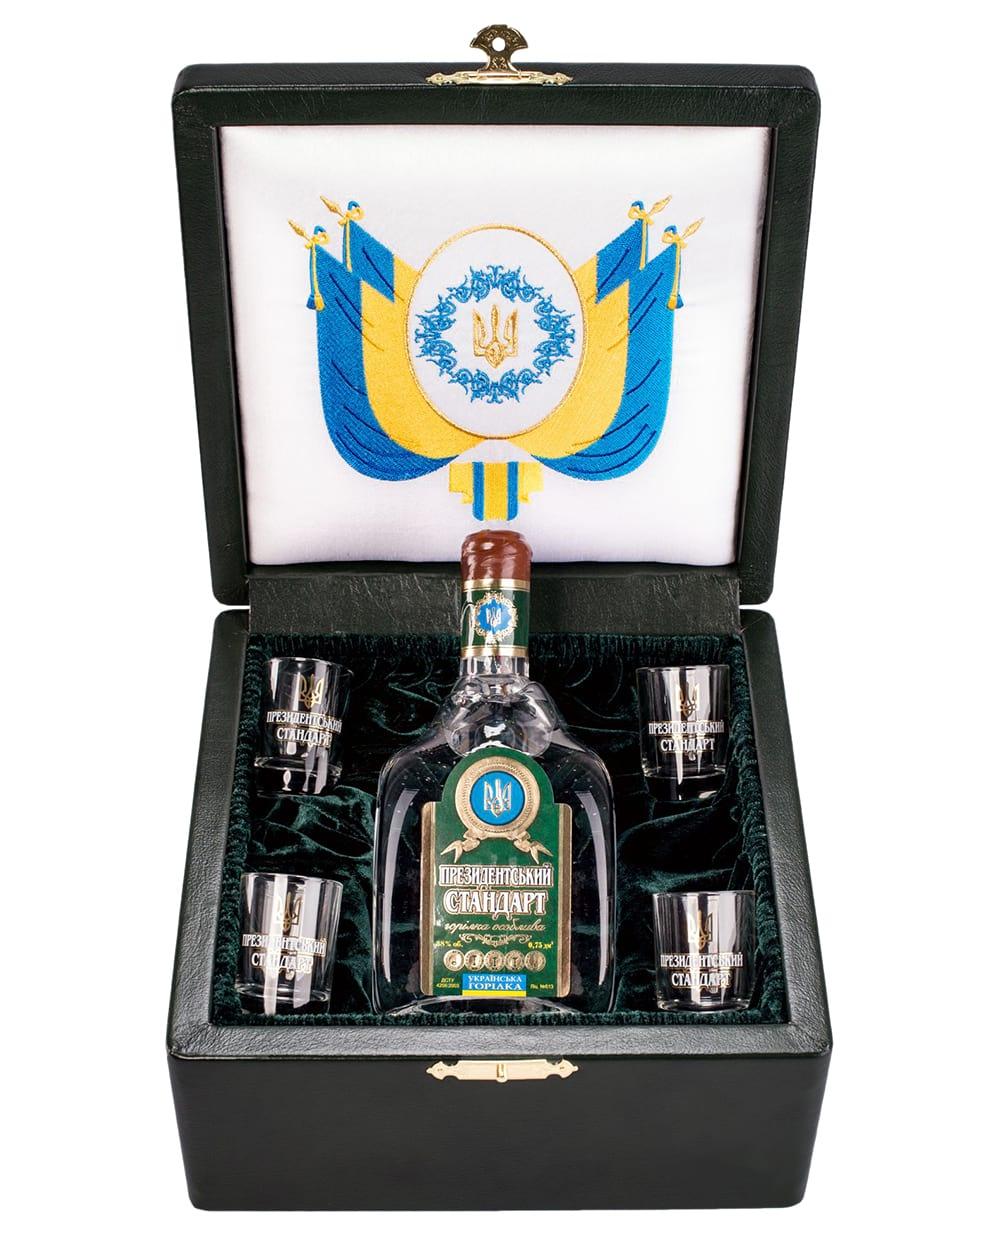 ЖЛВЗ Президентский Стандарт подарочный музыкальный короб фото